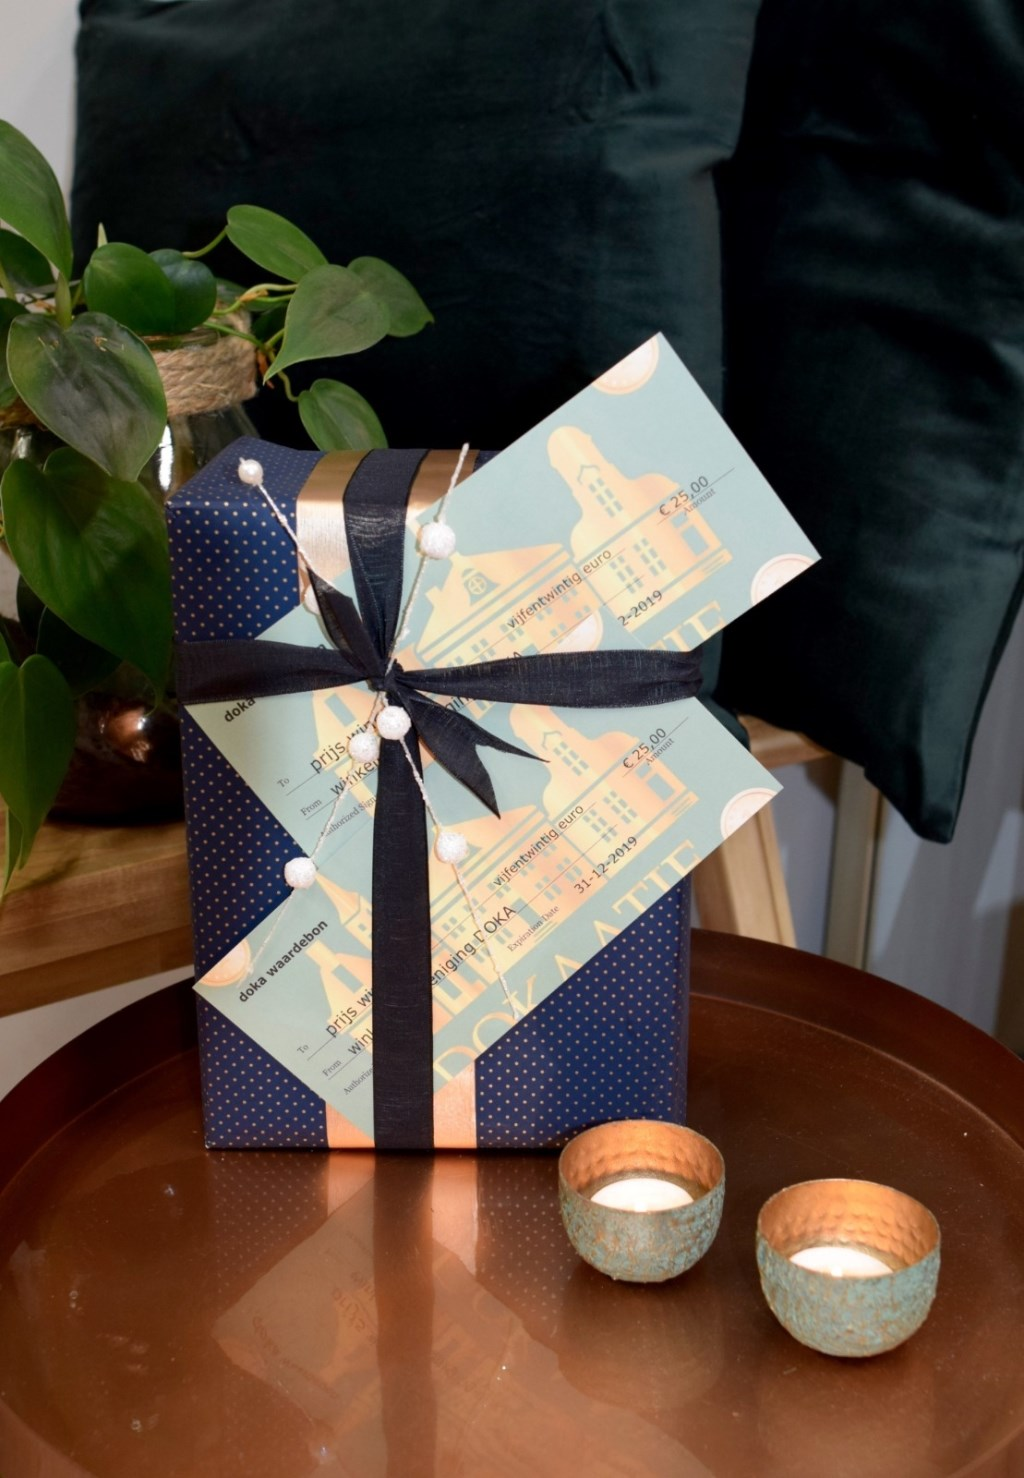 Doka waardebonnen worden cadeau gedaan tijdens en na de feestdagen.  © rodi